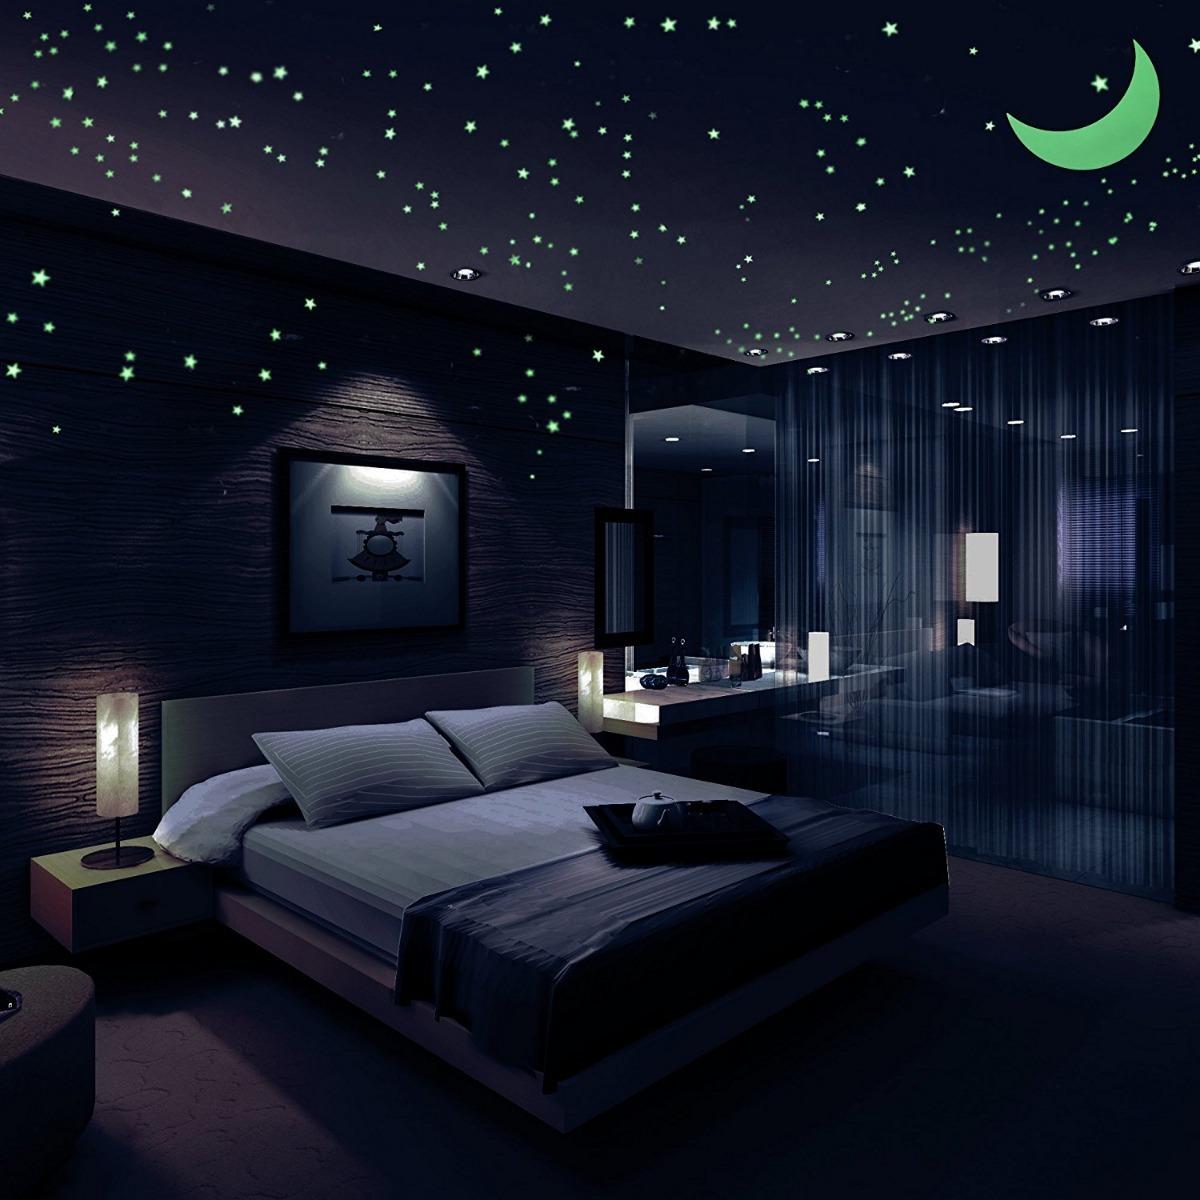 Ciptakan Ribuan Bintang pada Langit Kamar dengan Lampu LED Kecil - Wujudkan Kamar Impian dengan Lampu LED Kecil - articulo.mercadolibre.com.co